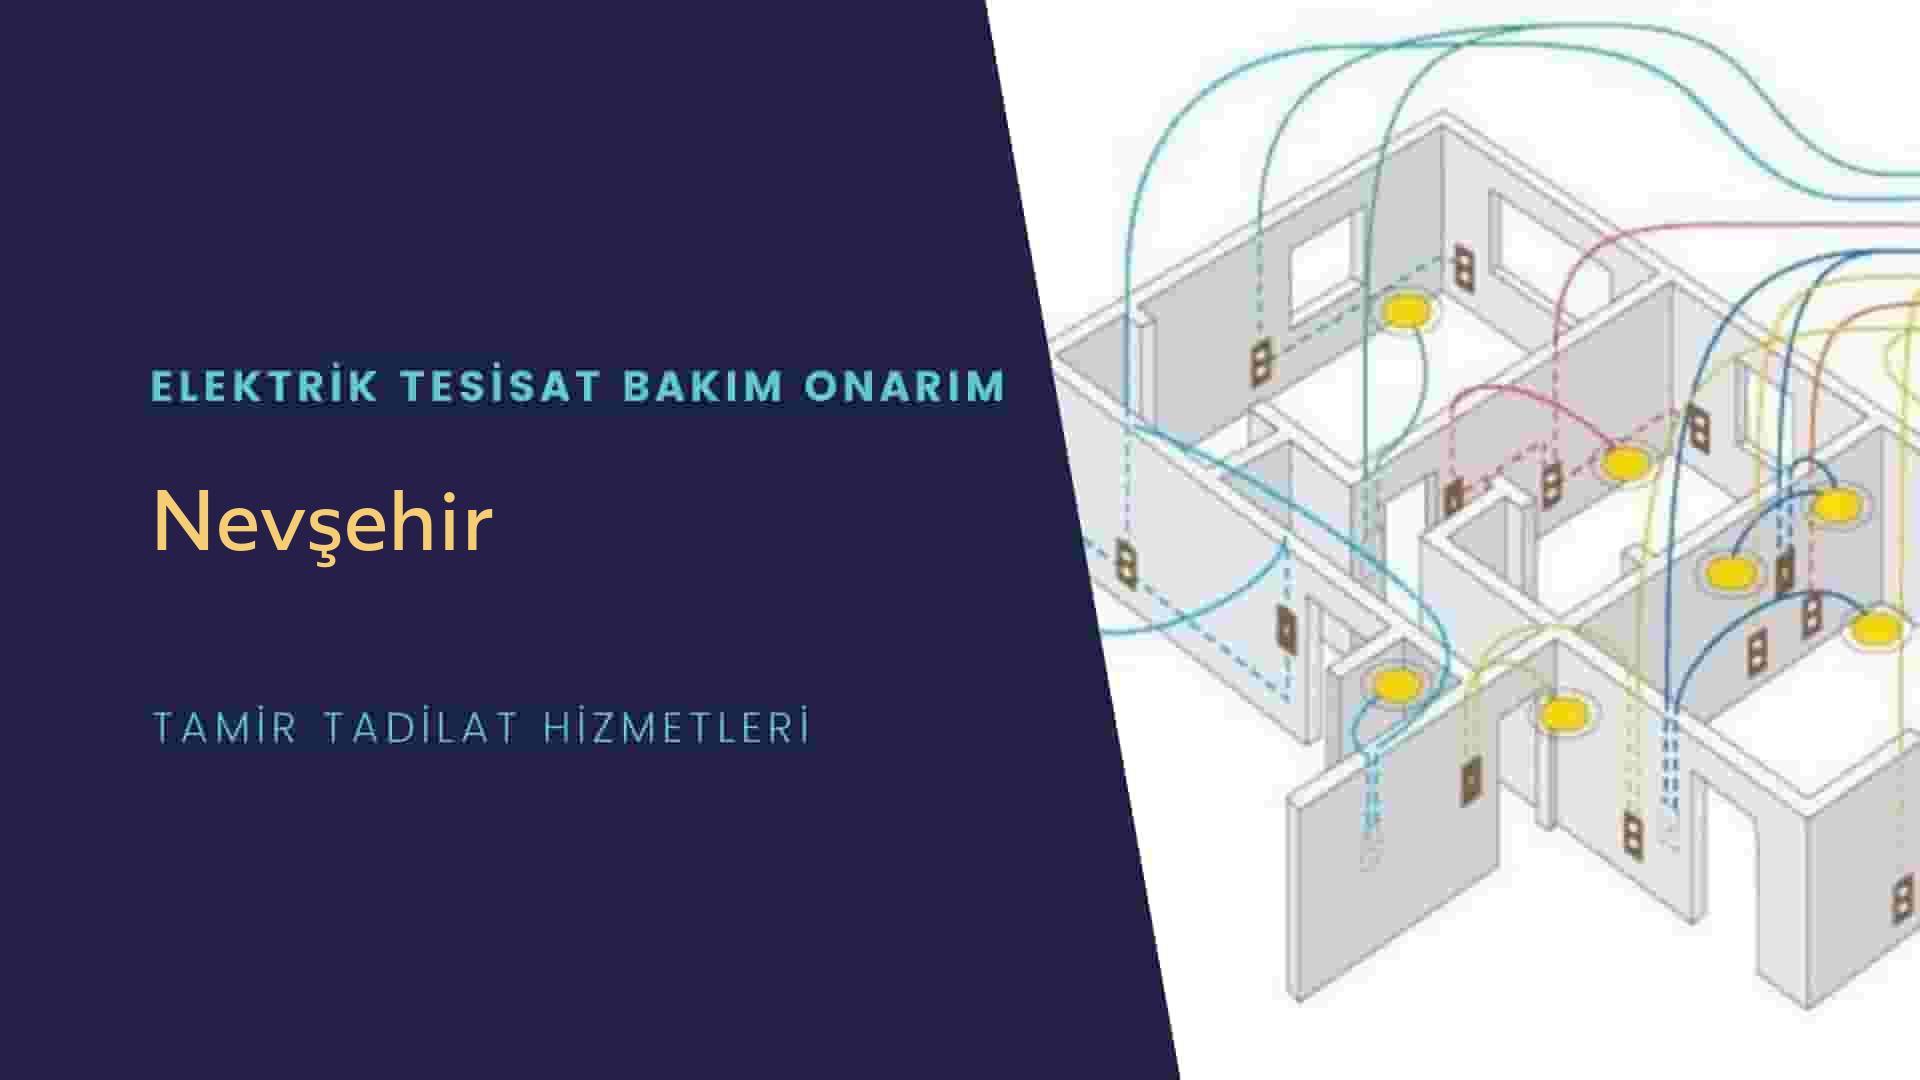 Nevşehir'de elektrik tesisatıustalarımı arıyorsunuz doğru adrestenizi Nevşehir elektrik tesisatı ustalarımız 7/24 sizlere hizmet vermekten mutluluk duyar.